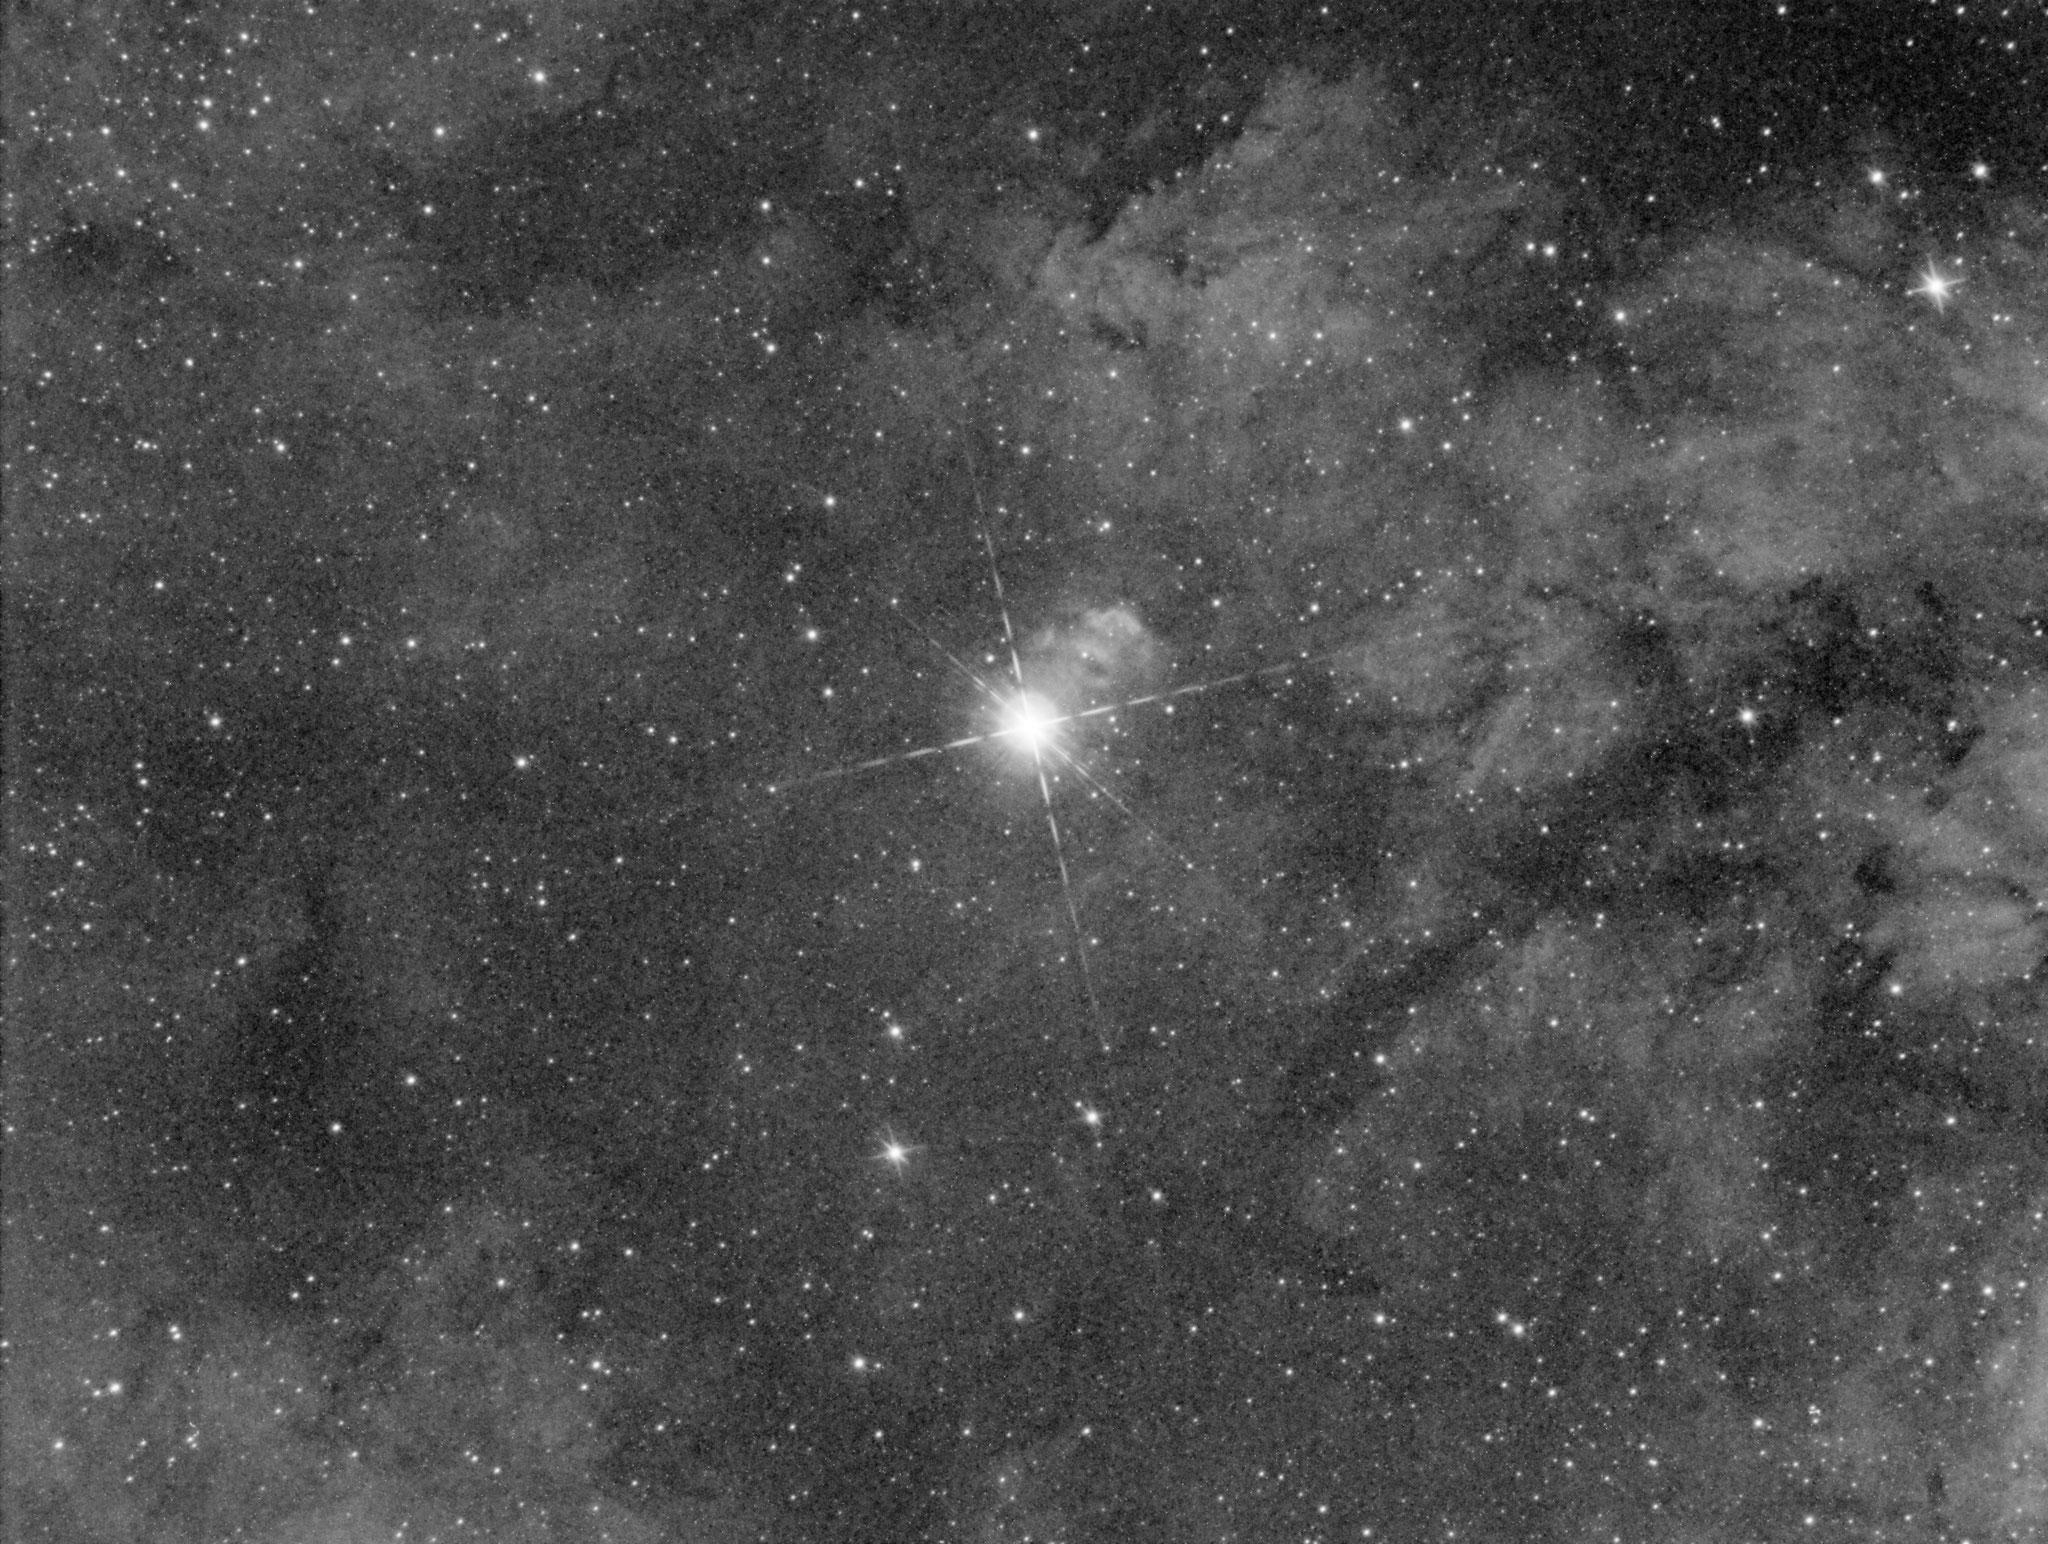 Première lumière, Sadr et ses nébulosités, IC1318, 1x5 min en Ha, 14 août 2016